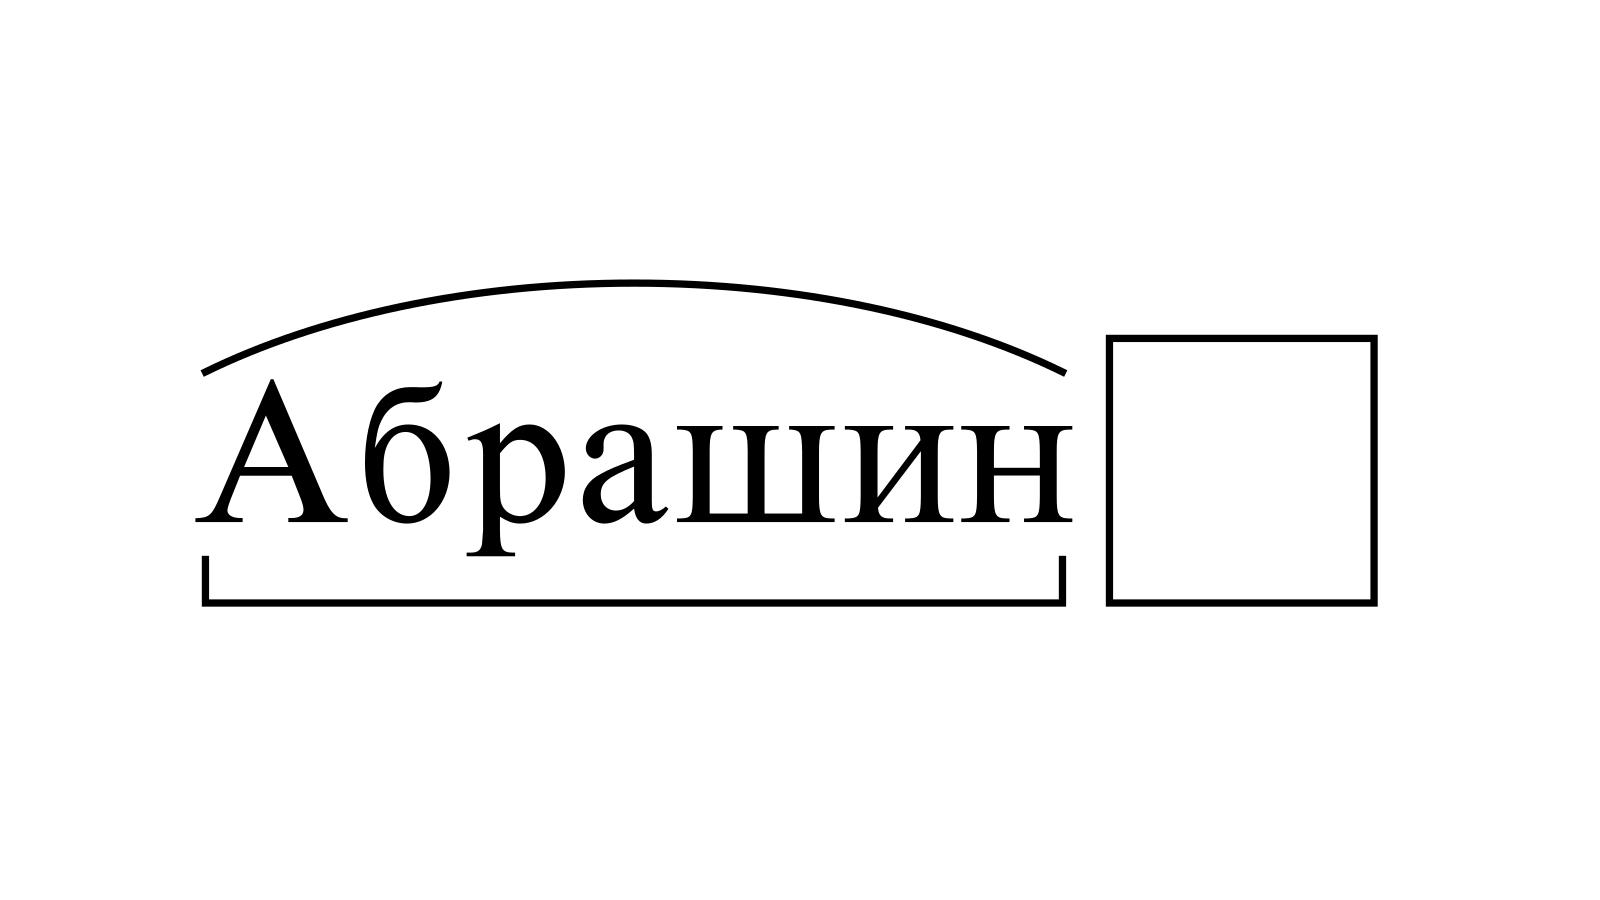 Разбор слова «Абрашин» по составу